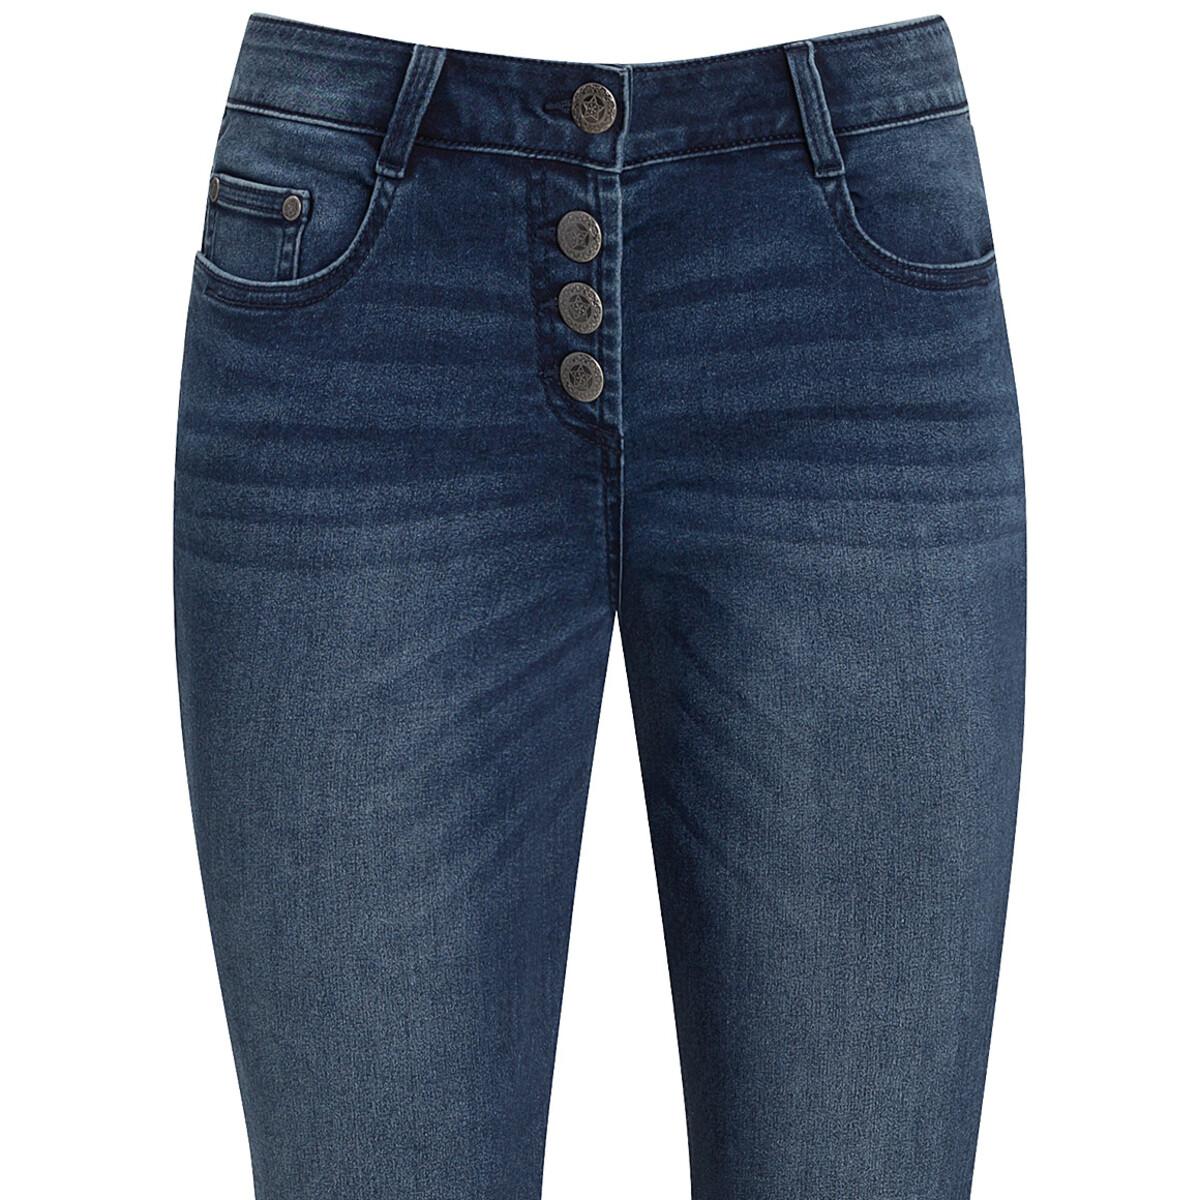 Bild 3 von Damen Slim Jeans mit Knopfleiste